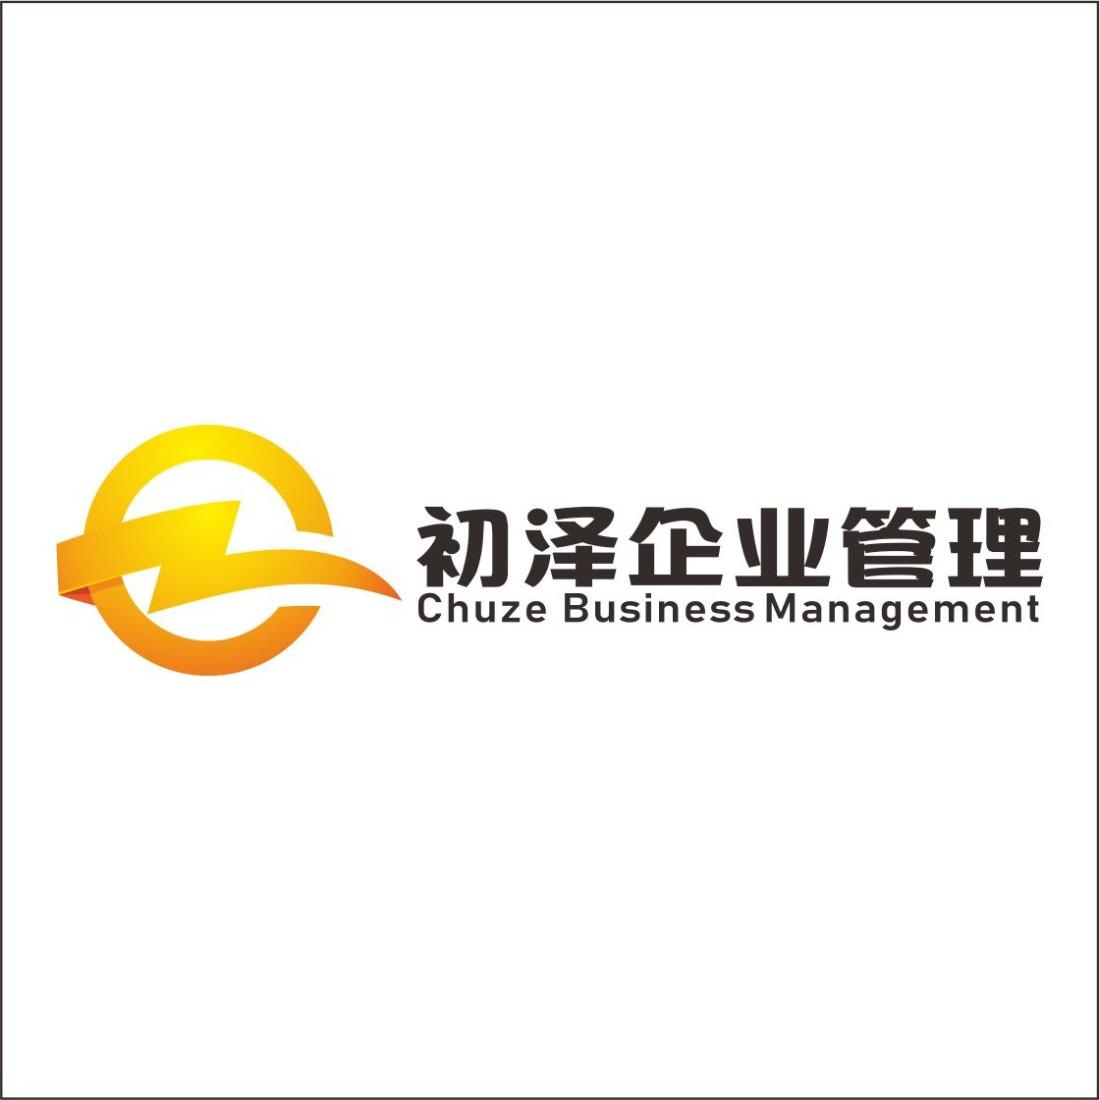 初澤企業管理(上海)有限責任公司